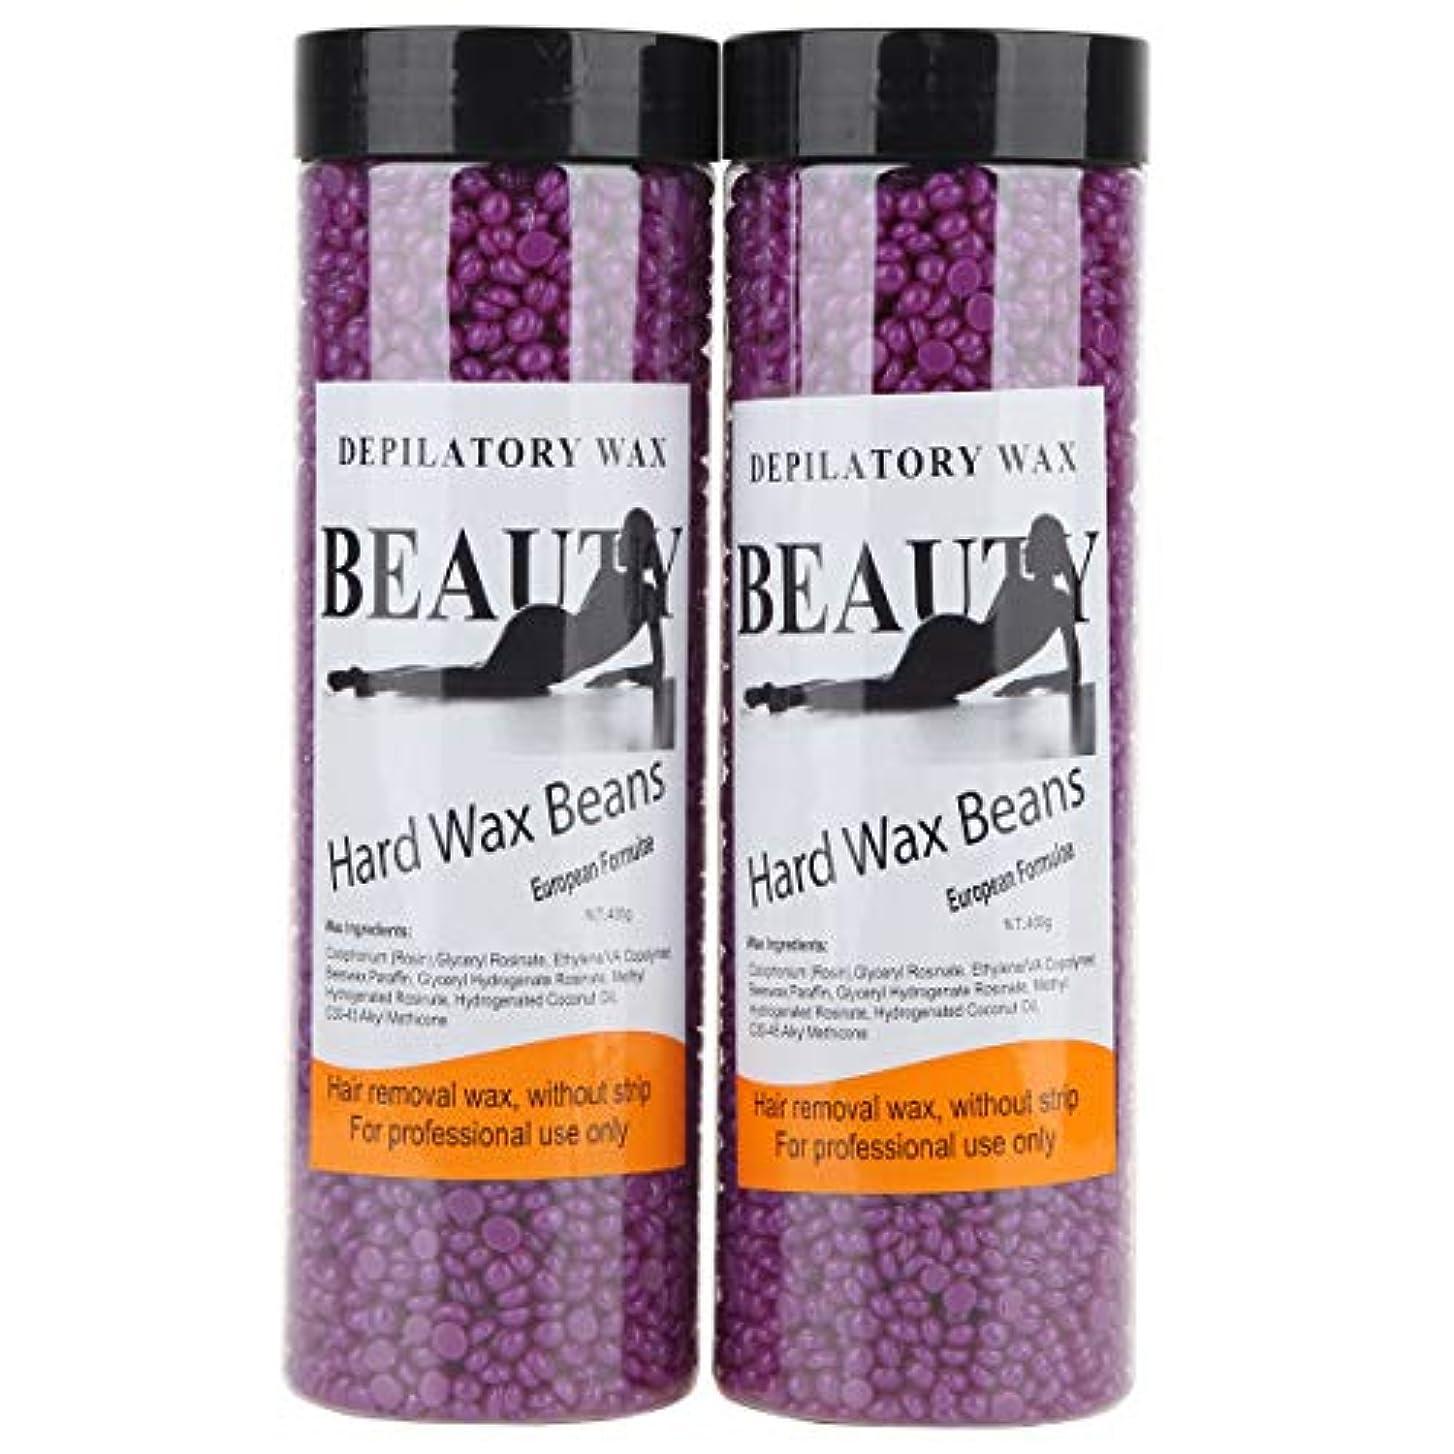 (アーニェメイ)Bonjanvye ワックス脱毛 キット 400g 2缶 脱毛ワックス ハード ブラジリアンワックス ハード 粒-ヴァイオレット